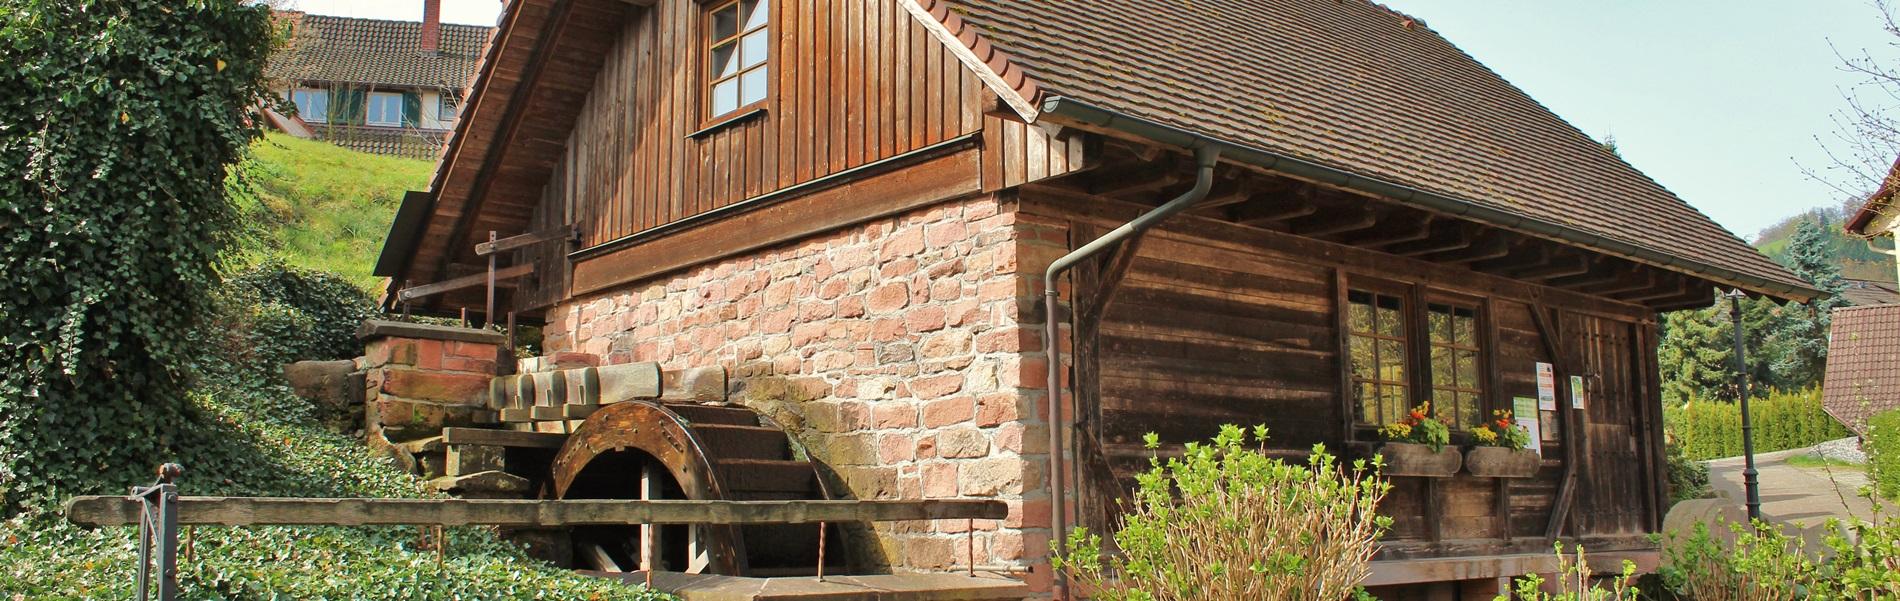 Alte Mühle Ferienwohnung Stinneshof